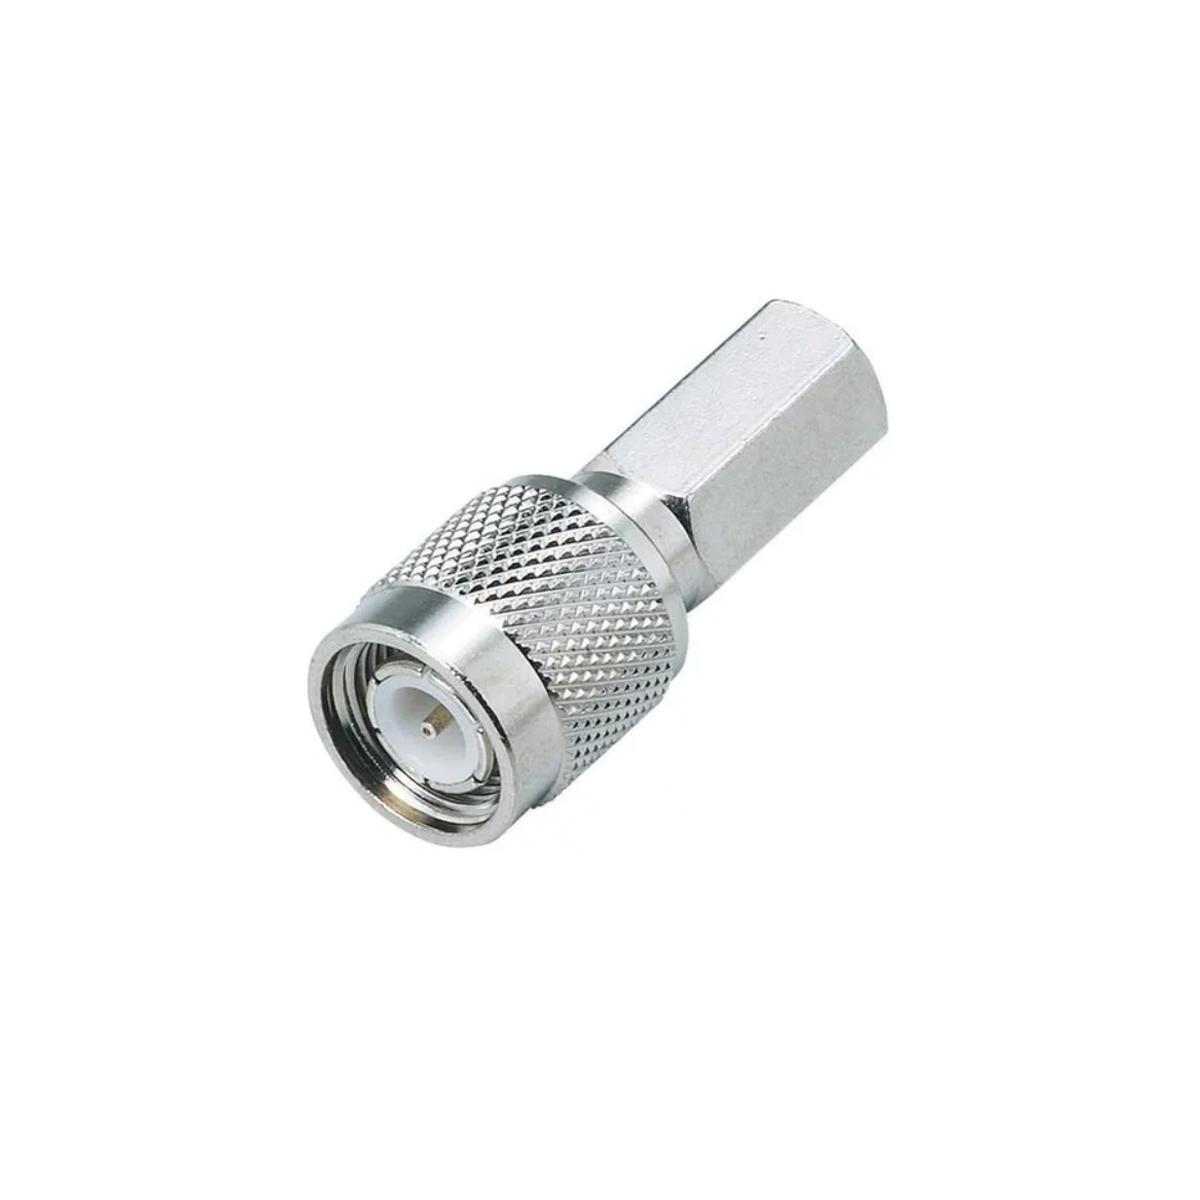 Adaptador Conector Tnc Macho Rg6 Rosca Teléfono Fijo